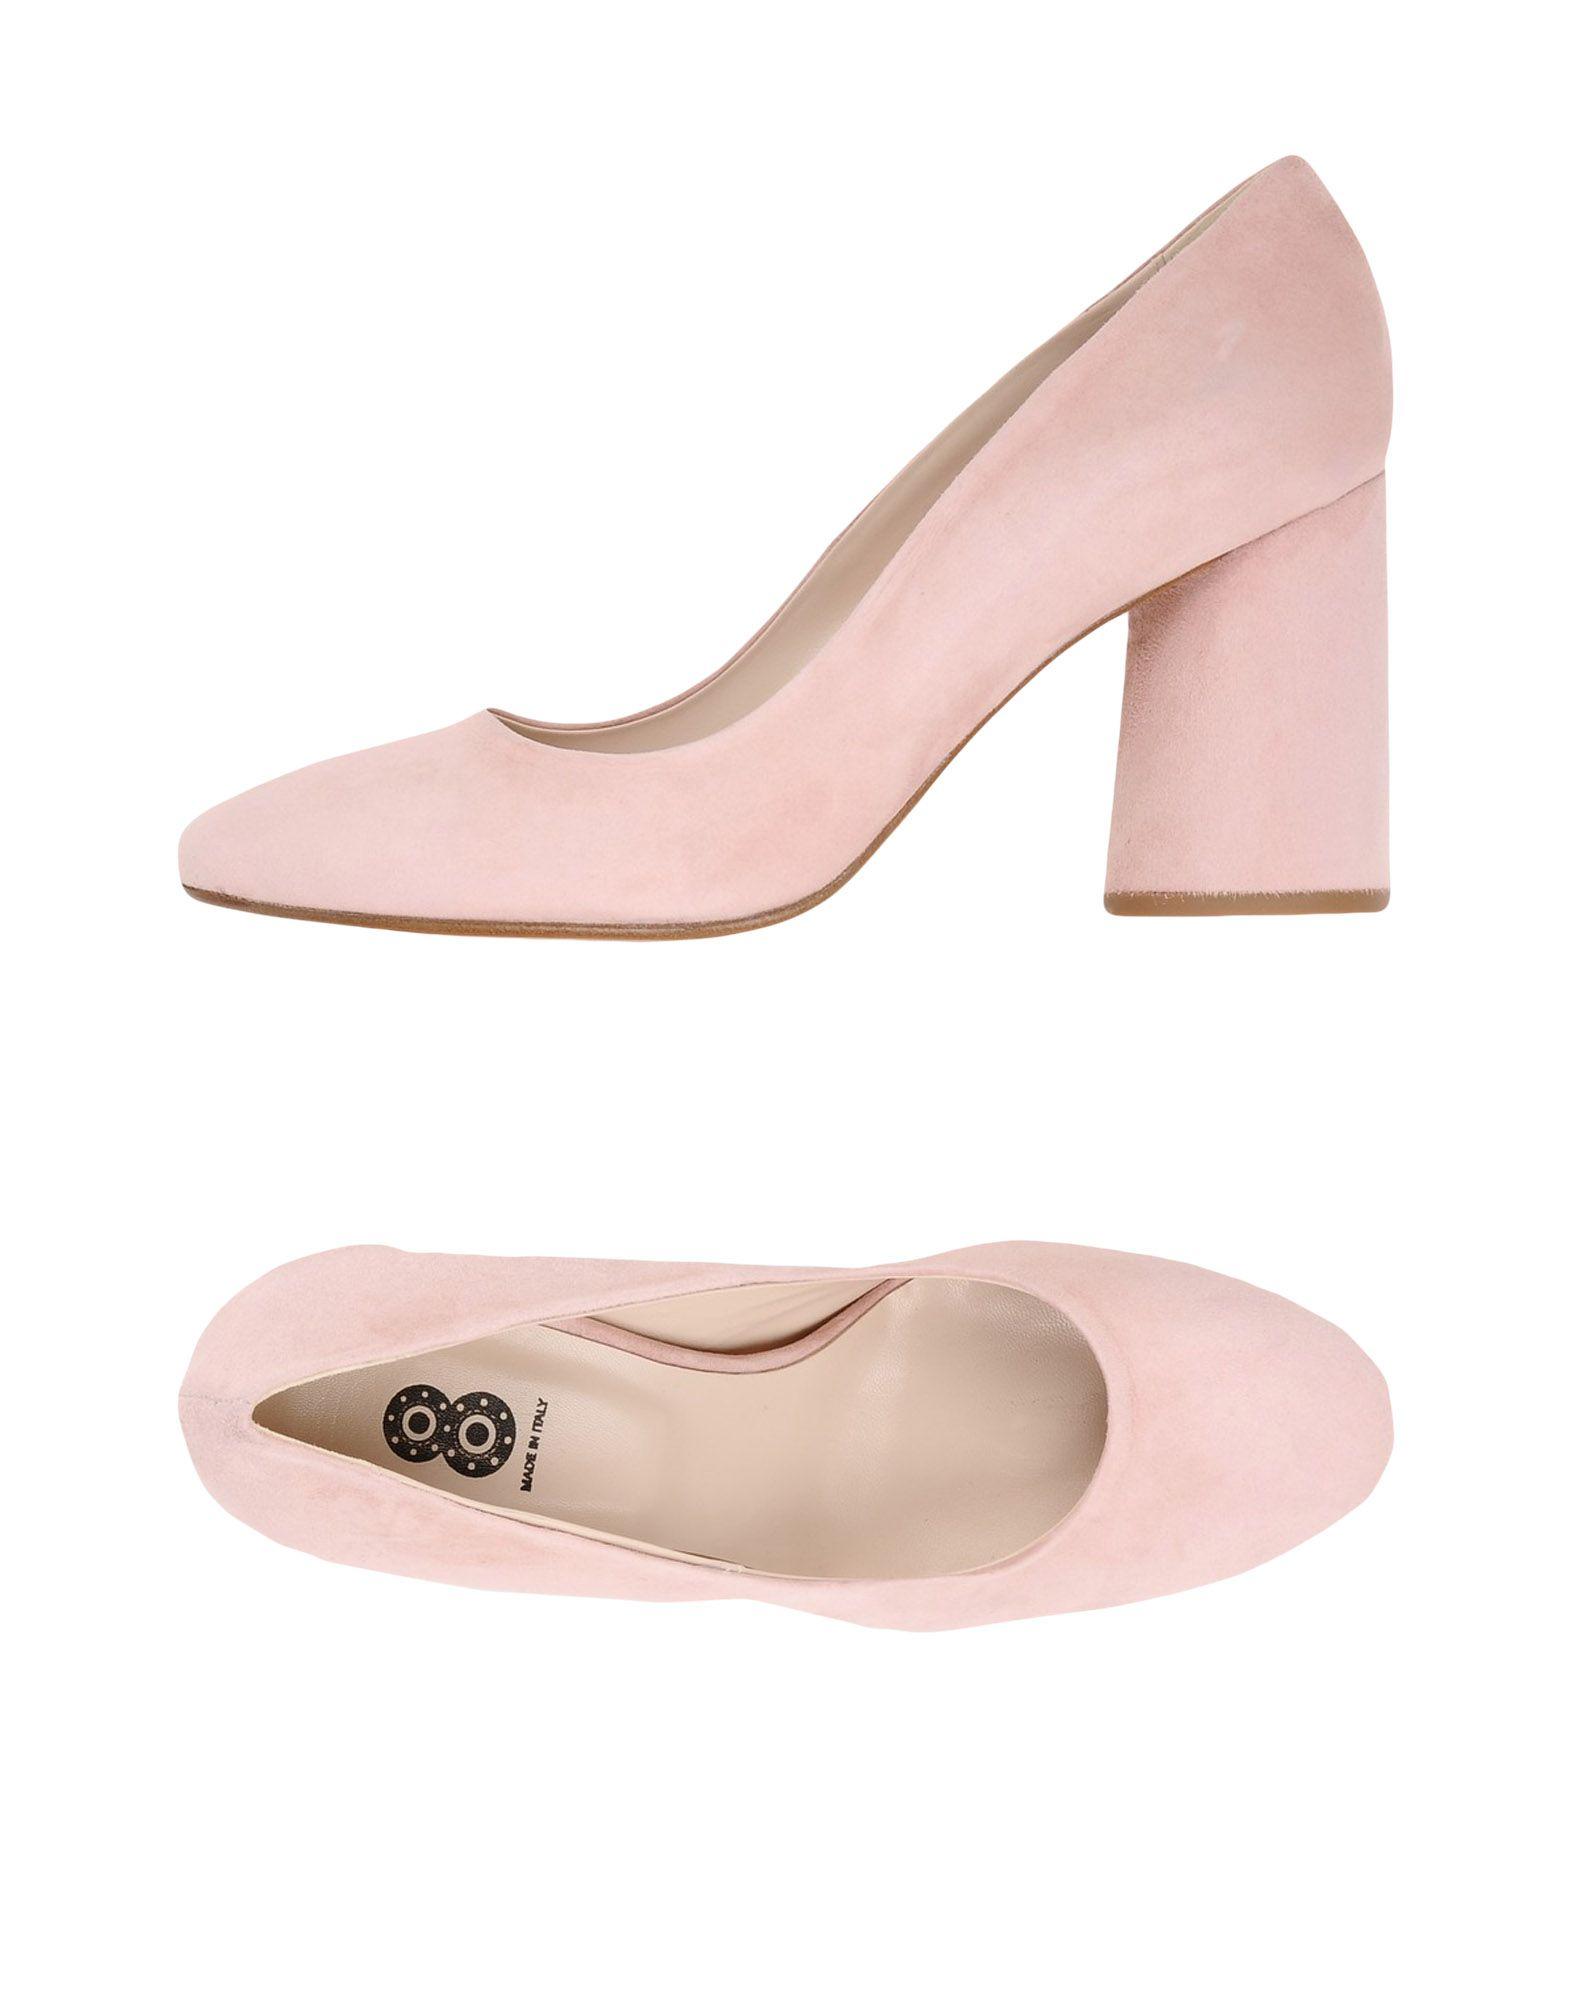 Haltbare Mode billige Schuhe 8 Pumps Damen  11442942PM Heiße Schuhe